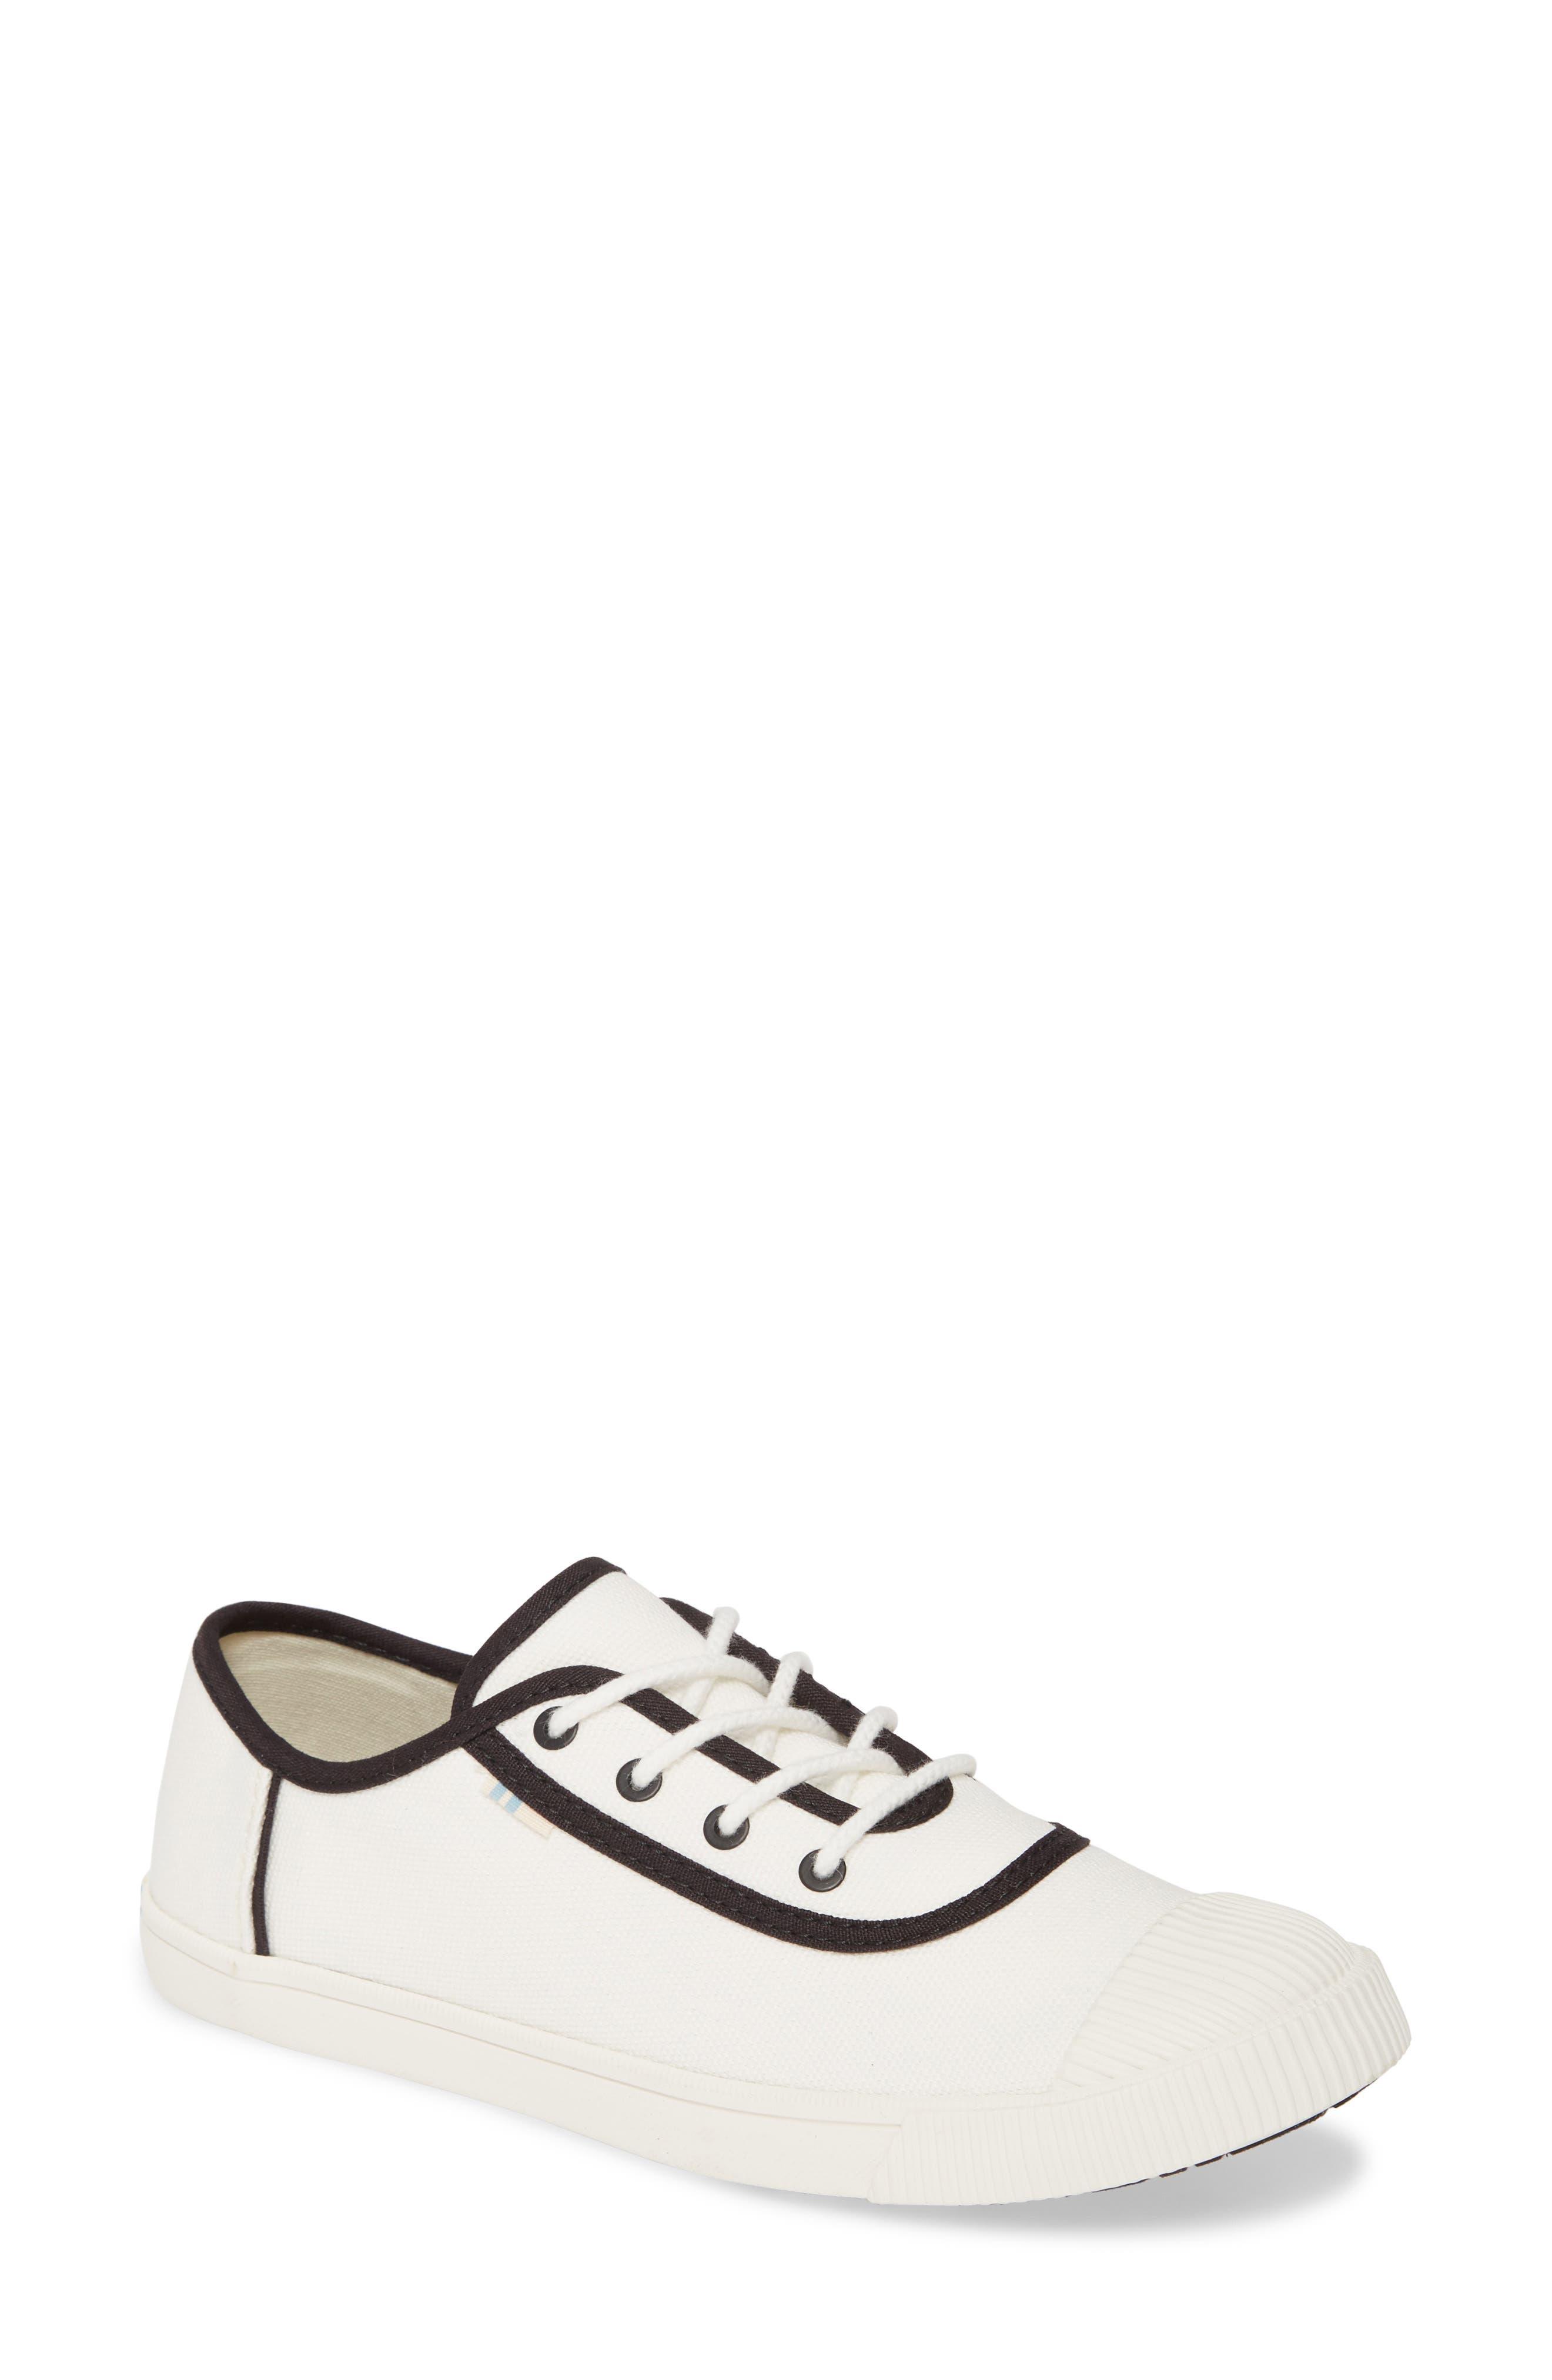 Toms Carmel Sneaker B - White